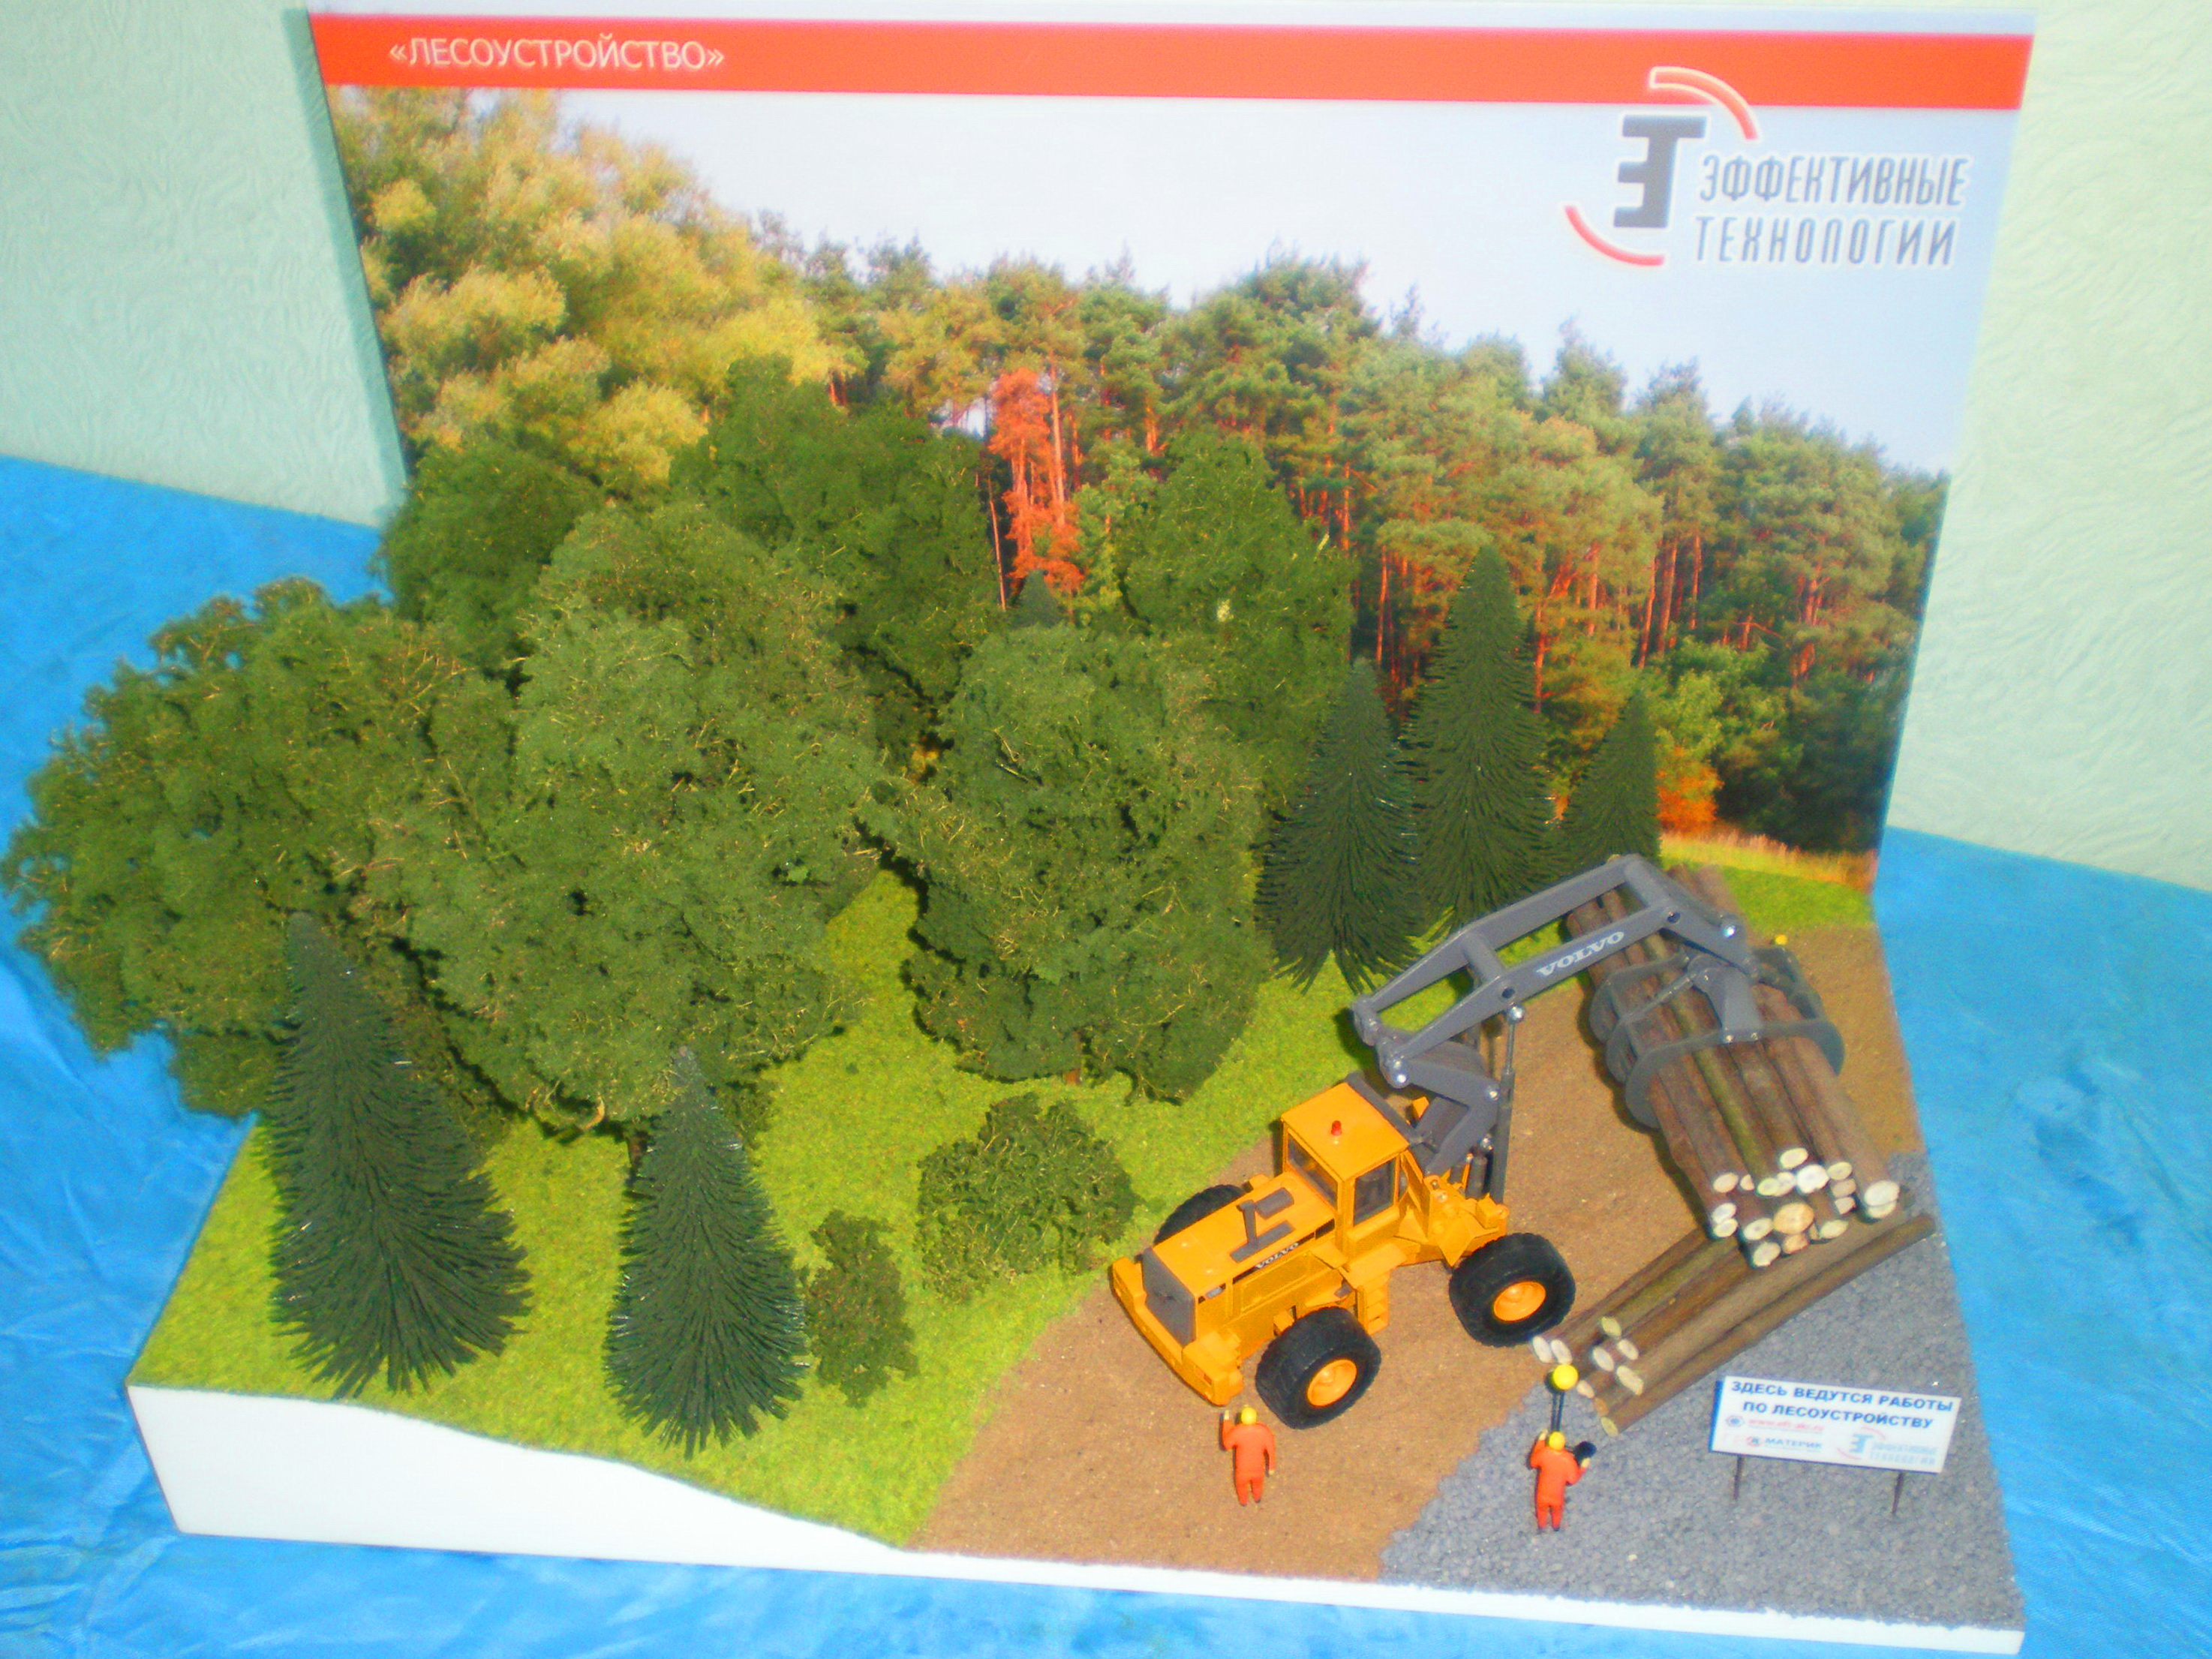 Waldbewirtschaftung funktioniert